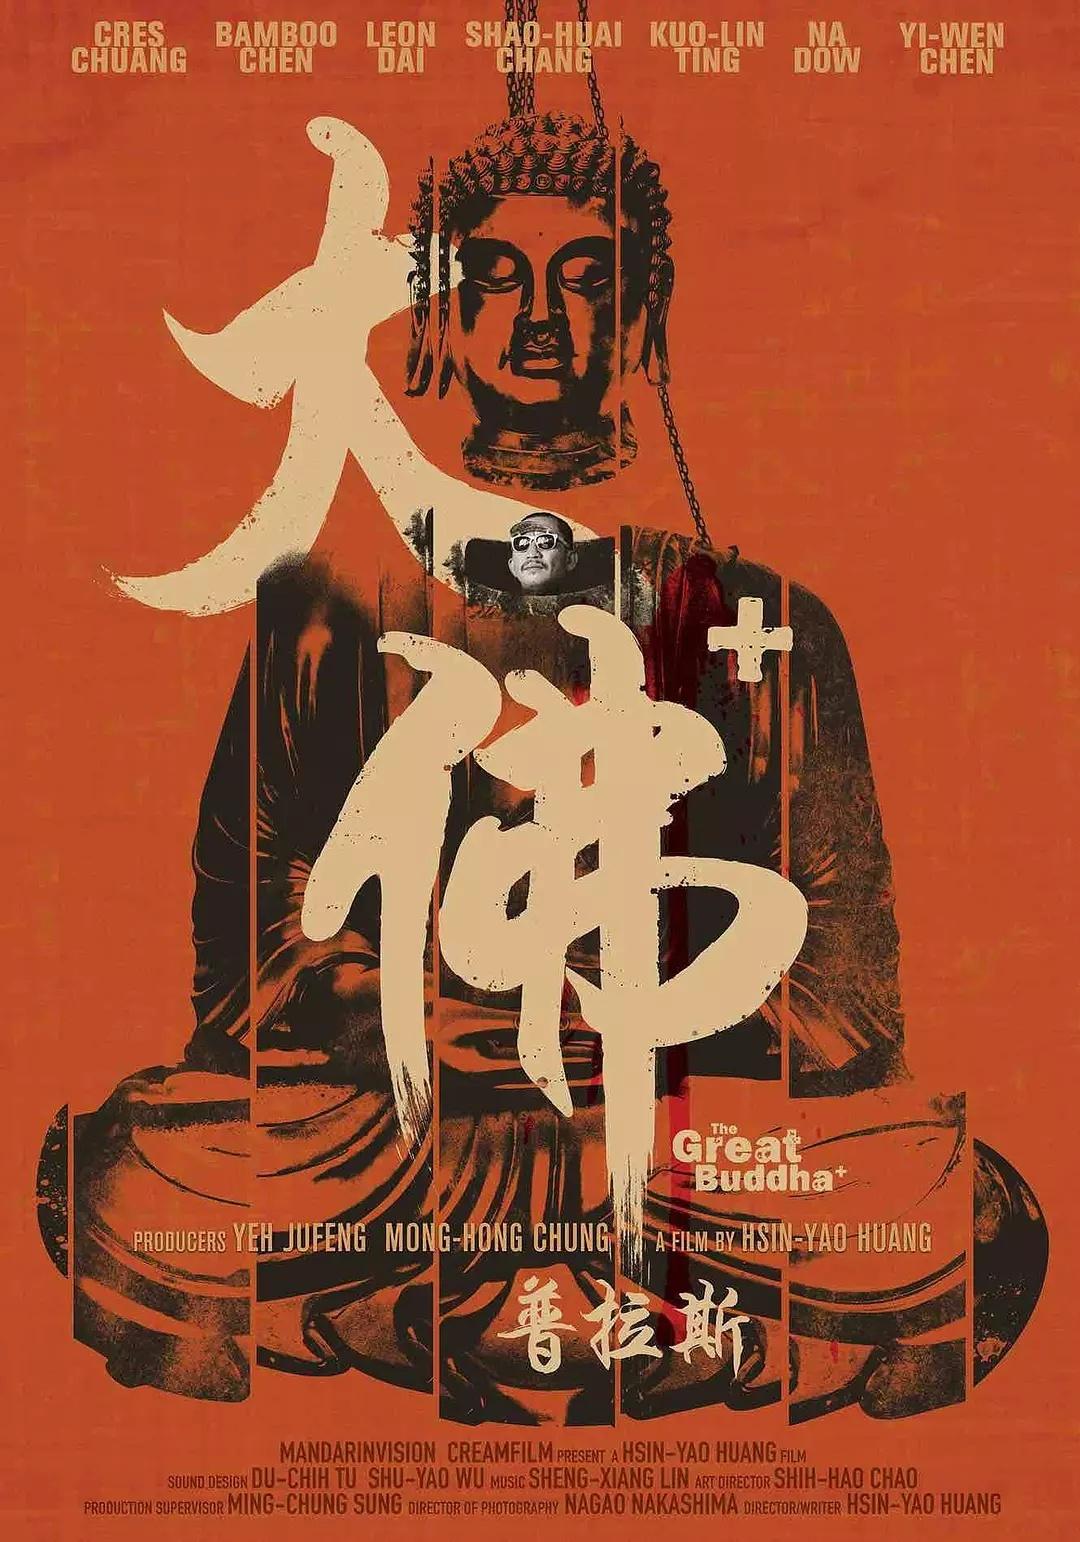 大佛普拉斯 [虽然台湾地区的电影及电影市场都是一片萎靡,但不可否认偶尔还是有一些有意思的作品的]